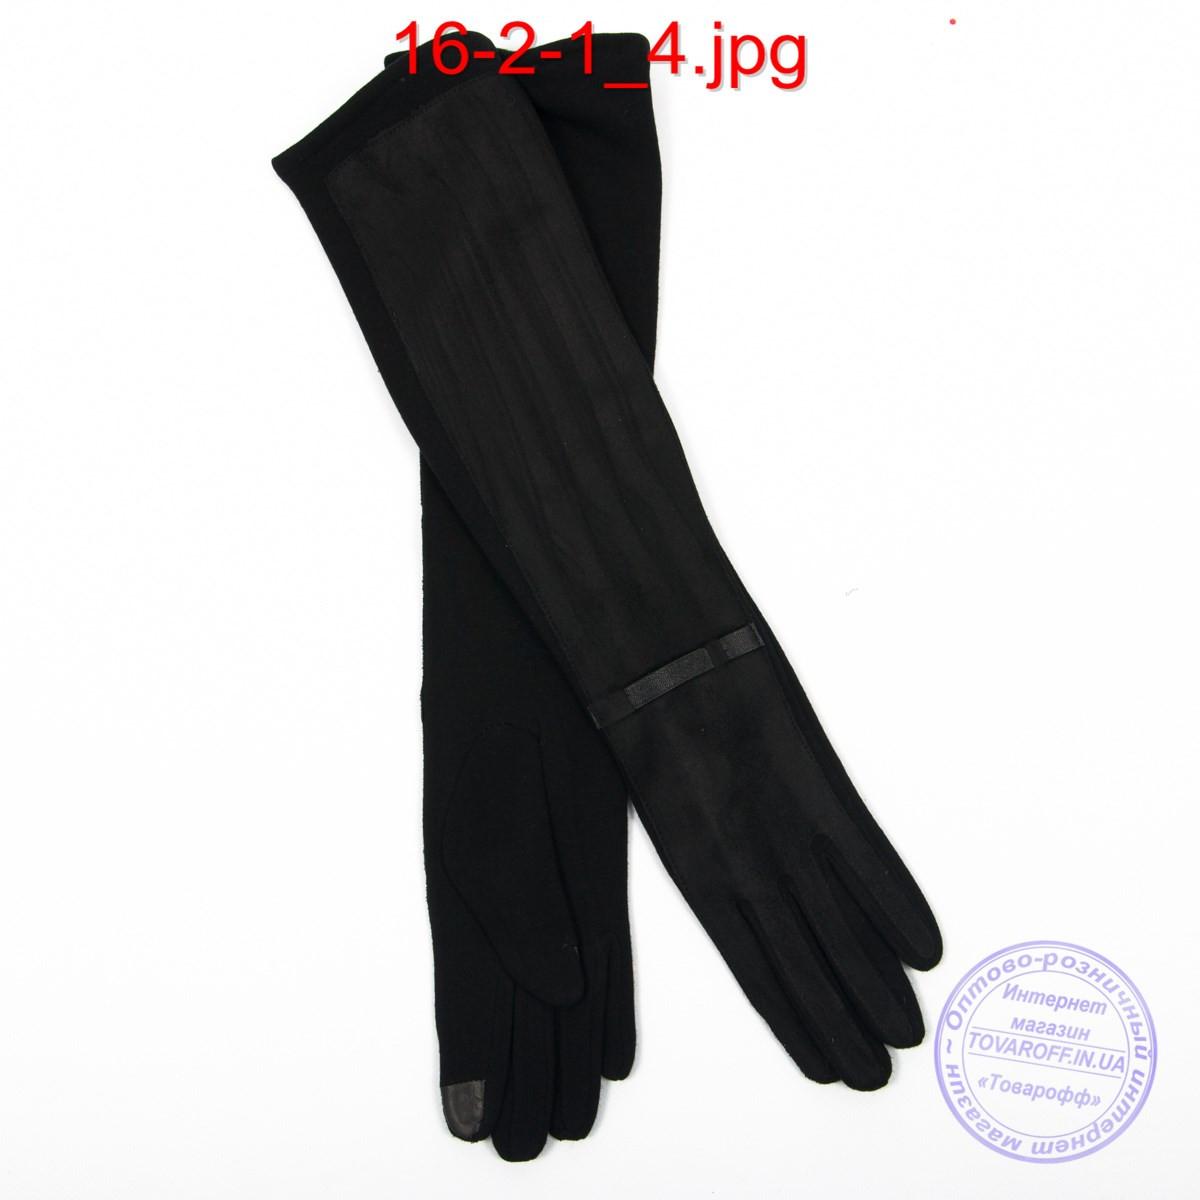 Оптом довгі велюрово-трикотажні рукавички з плюшевим утеплювачем і сенсорними пальчиками 45см - №16-2-1